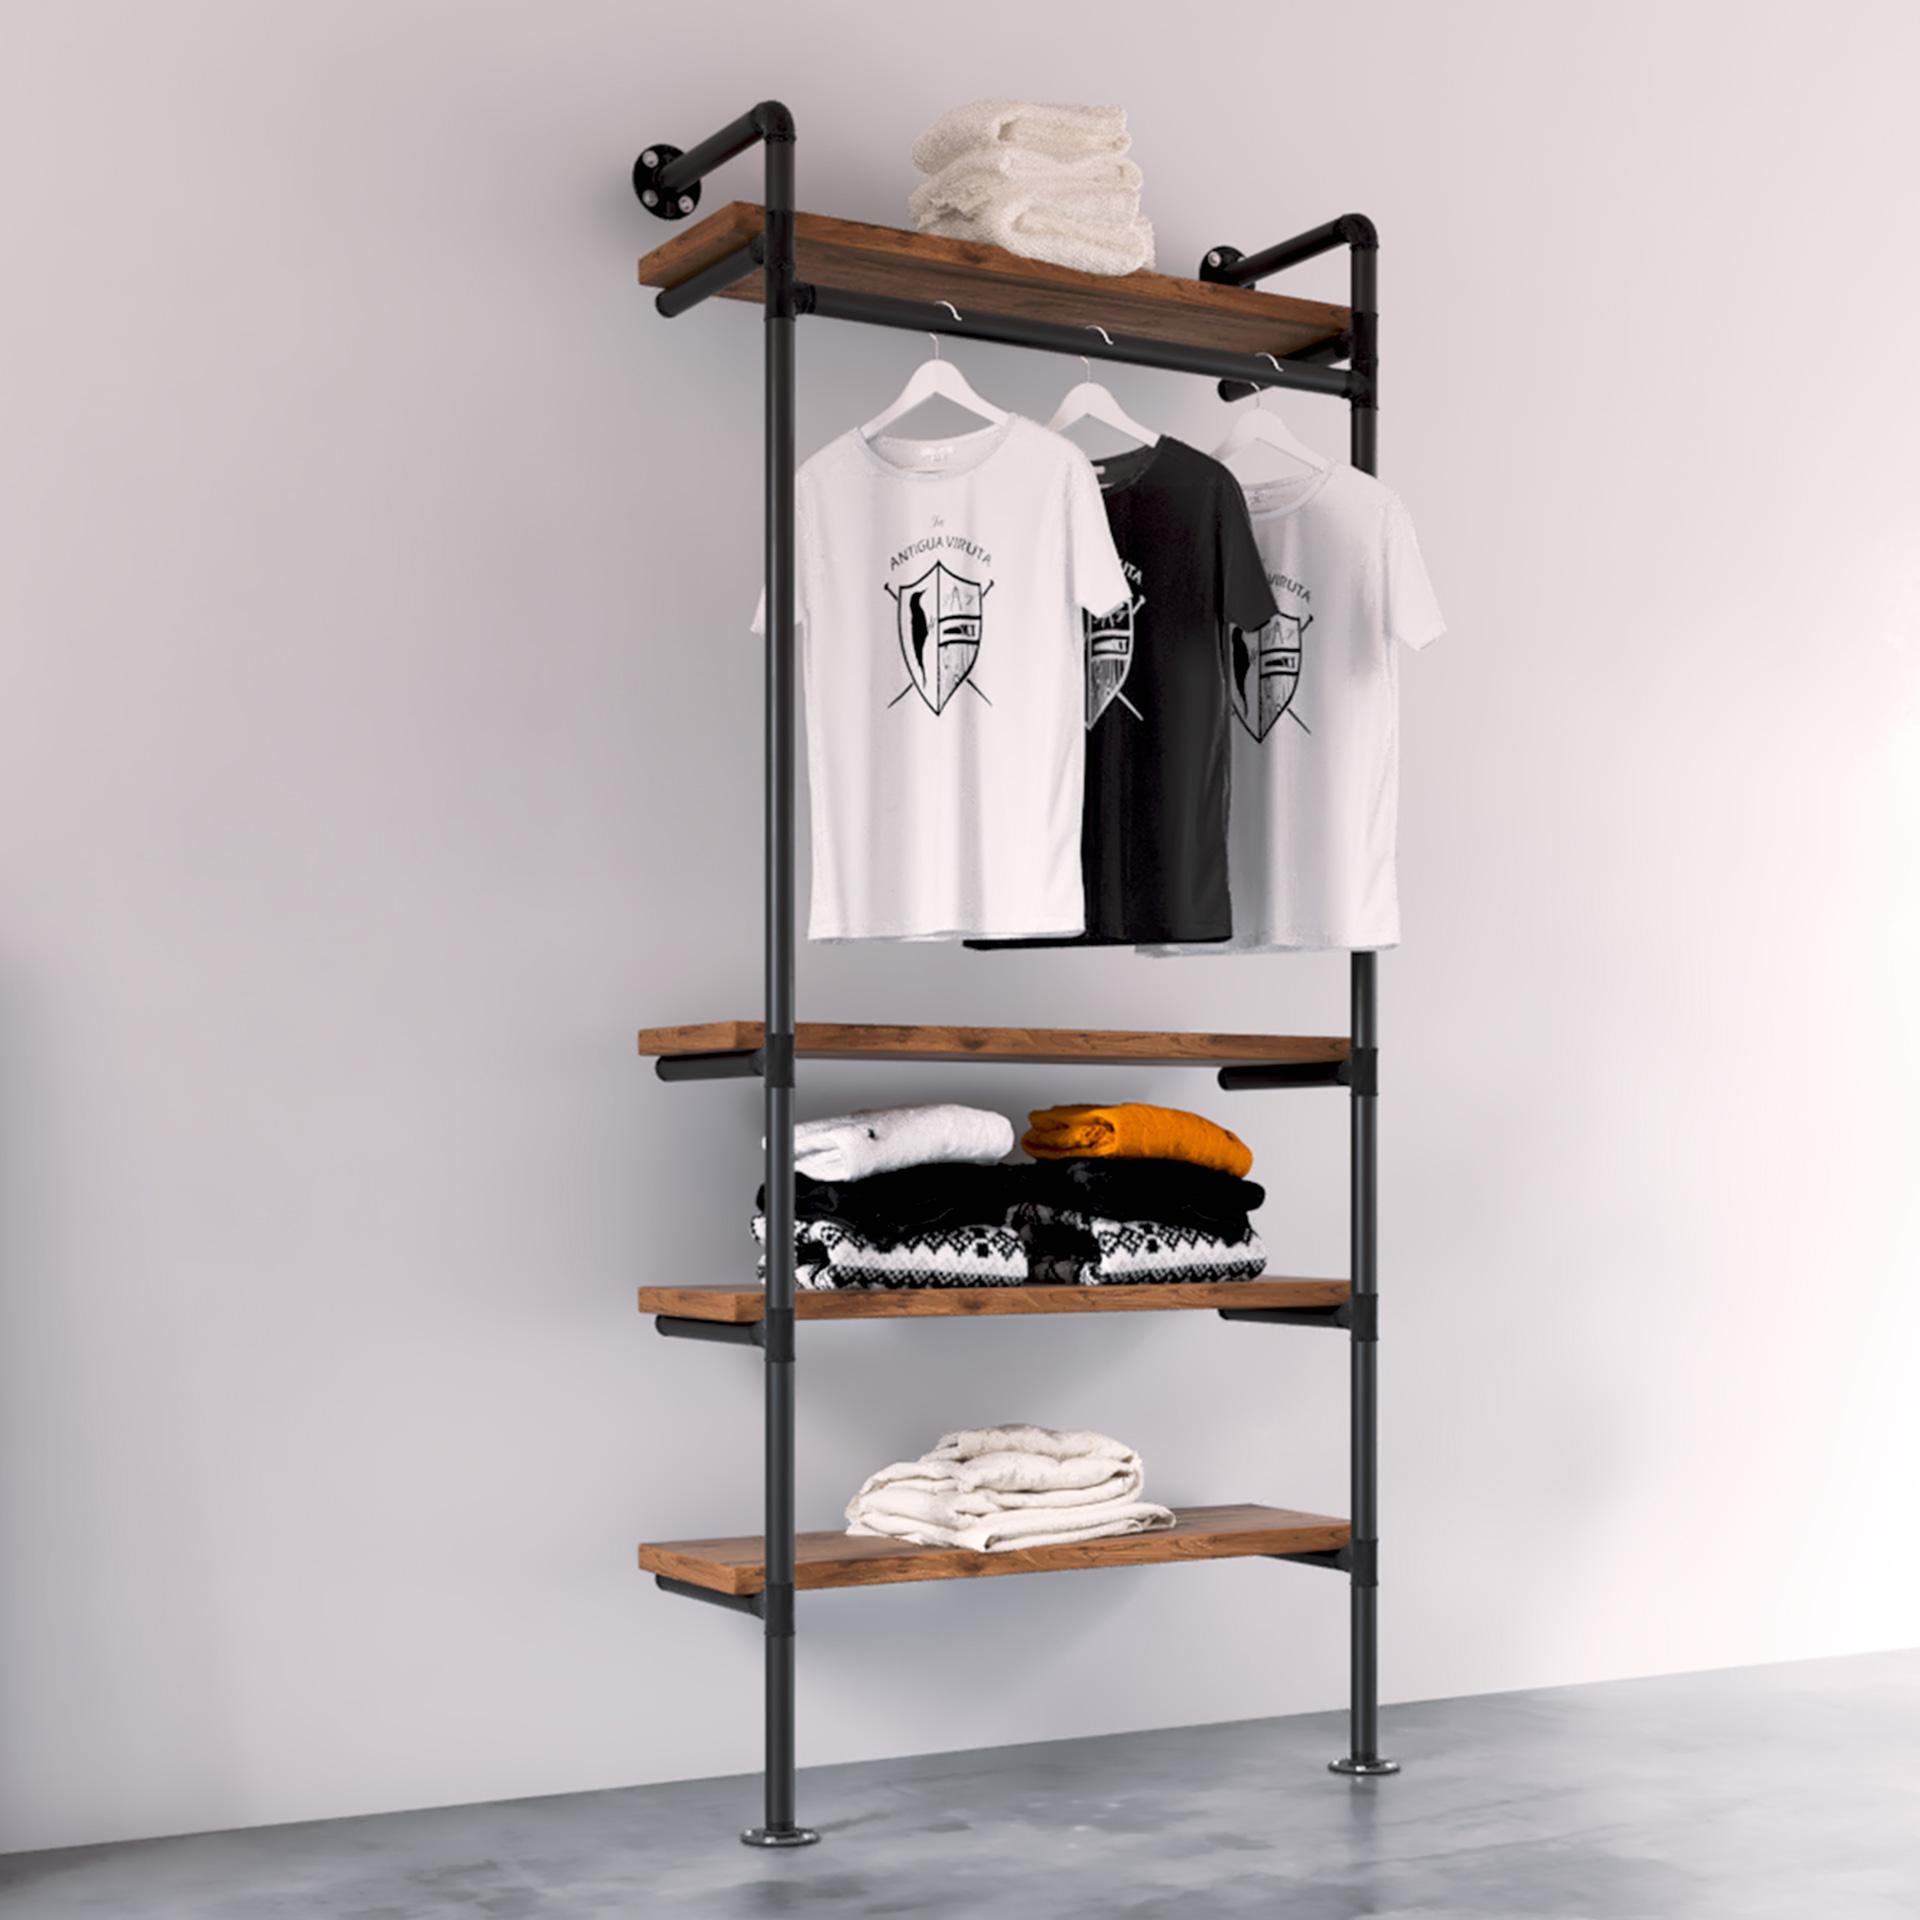 Modelo alpha burro ropa estilo industrial vintage tienda gondola rack La Antigua Viruta